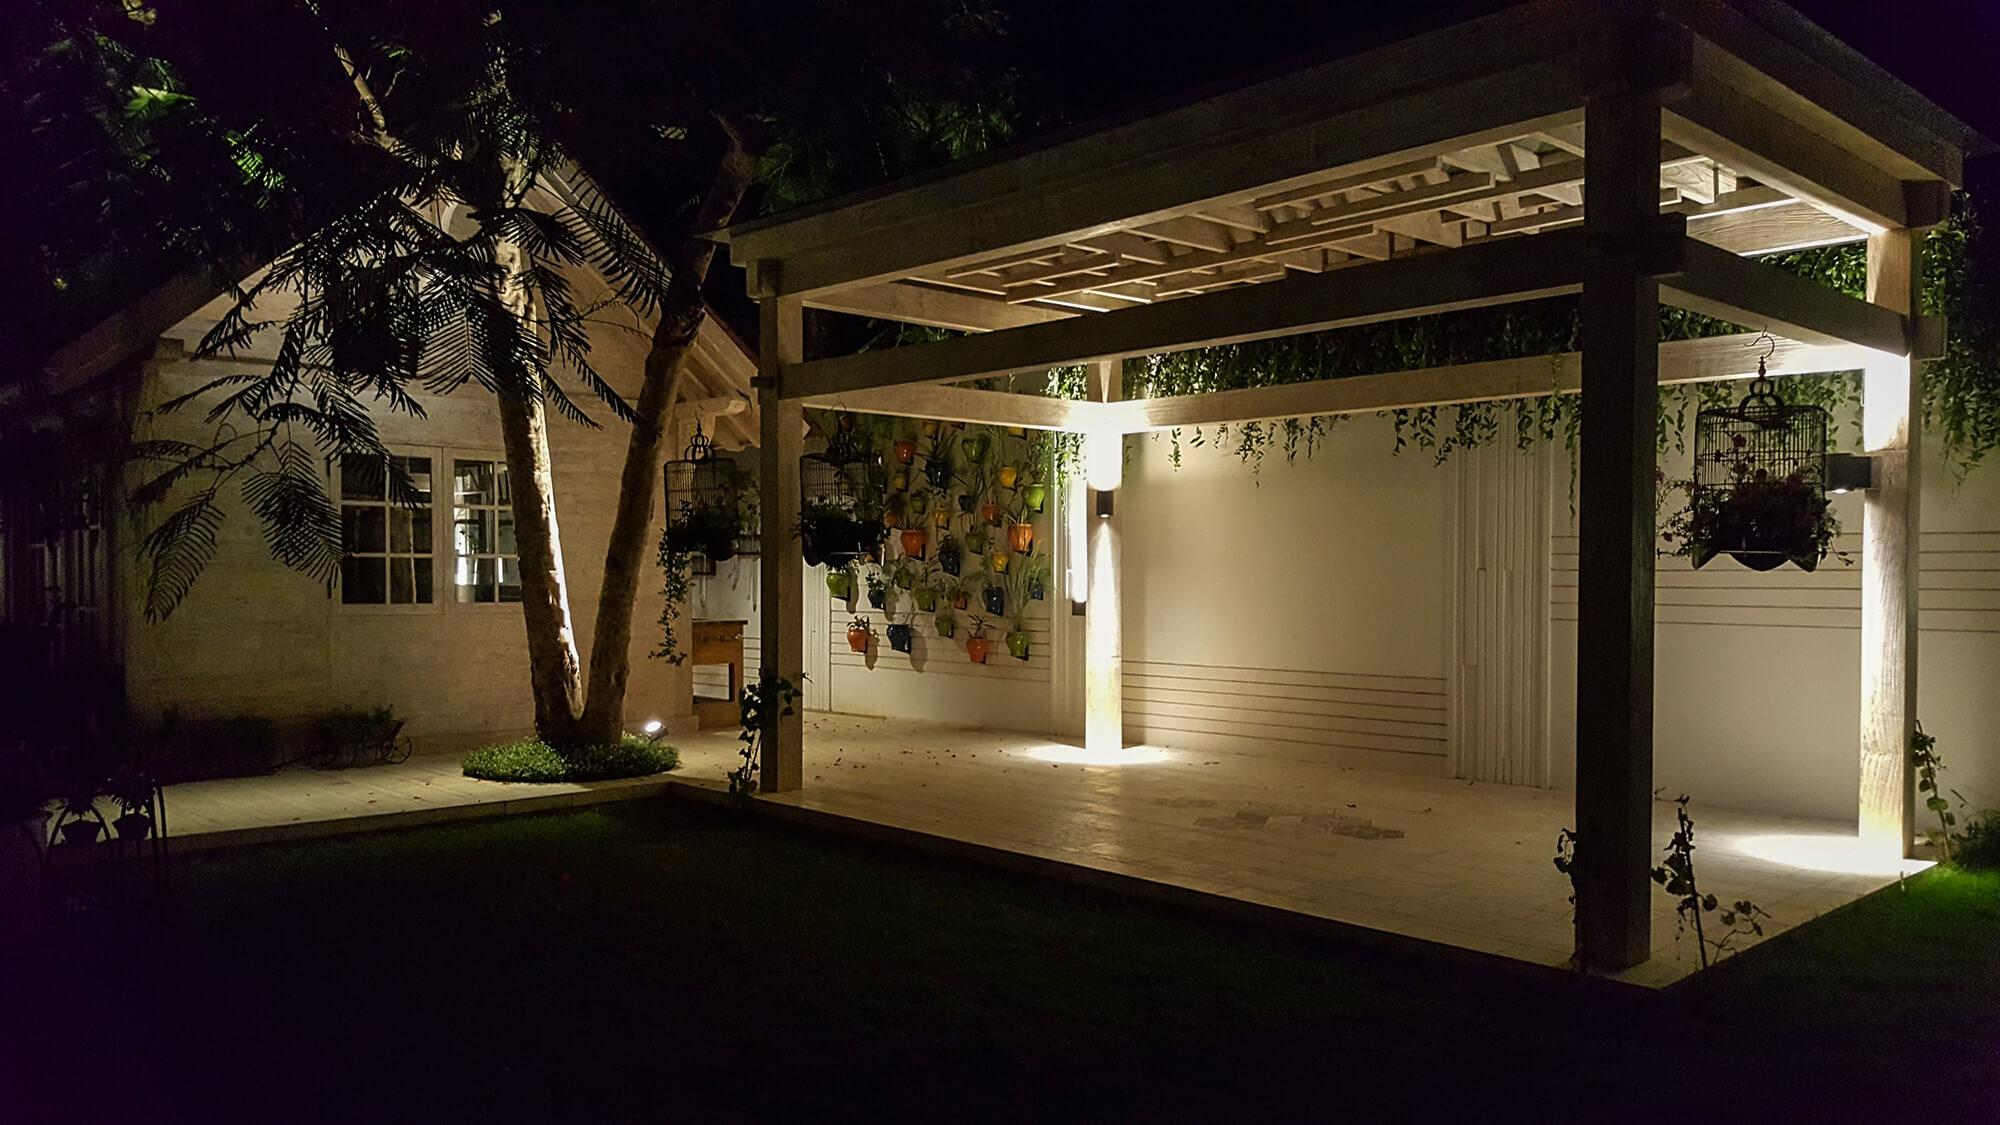 bali vila garden lighting 1